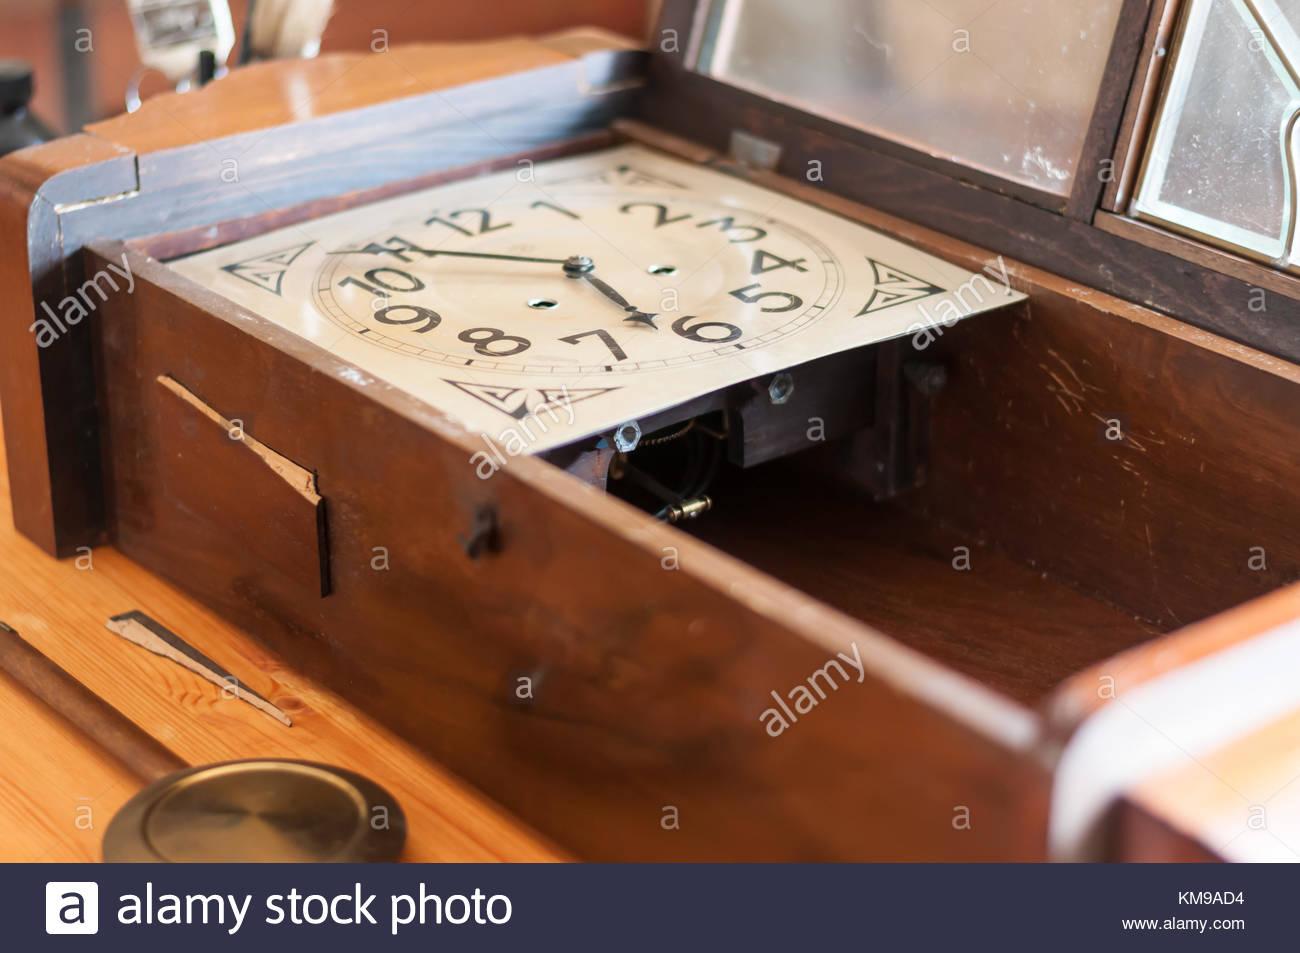 Pendulum Clock Stock Photos & Pendulum Clock Stock Images ...